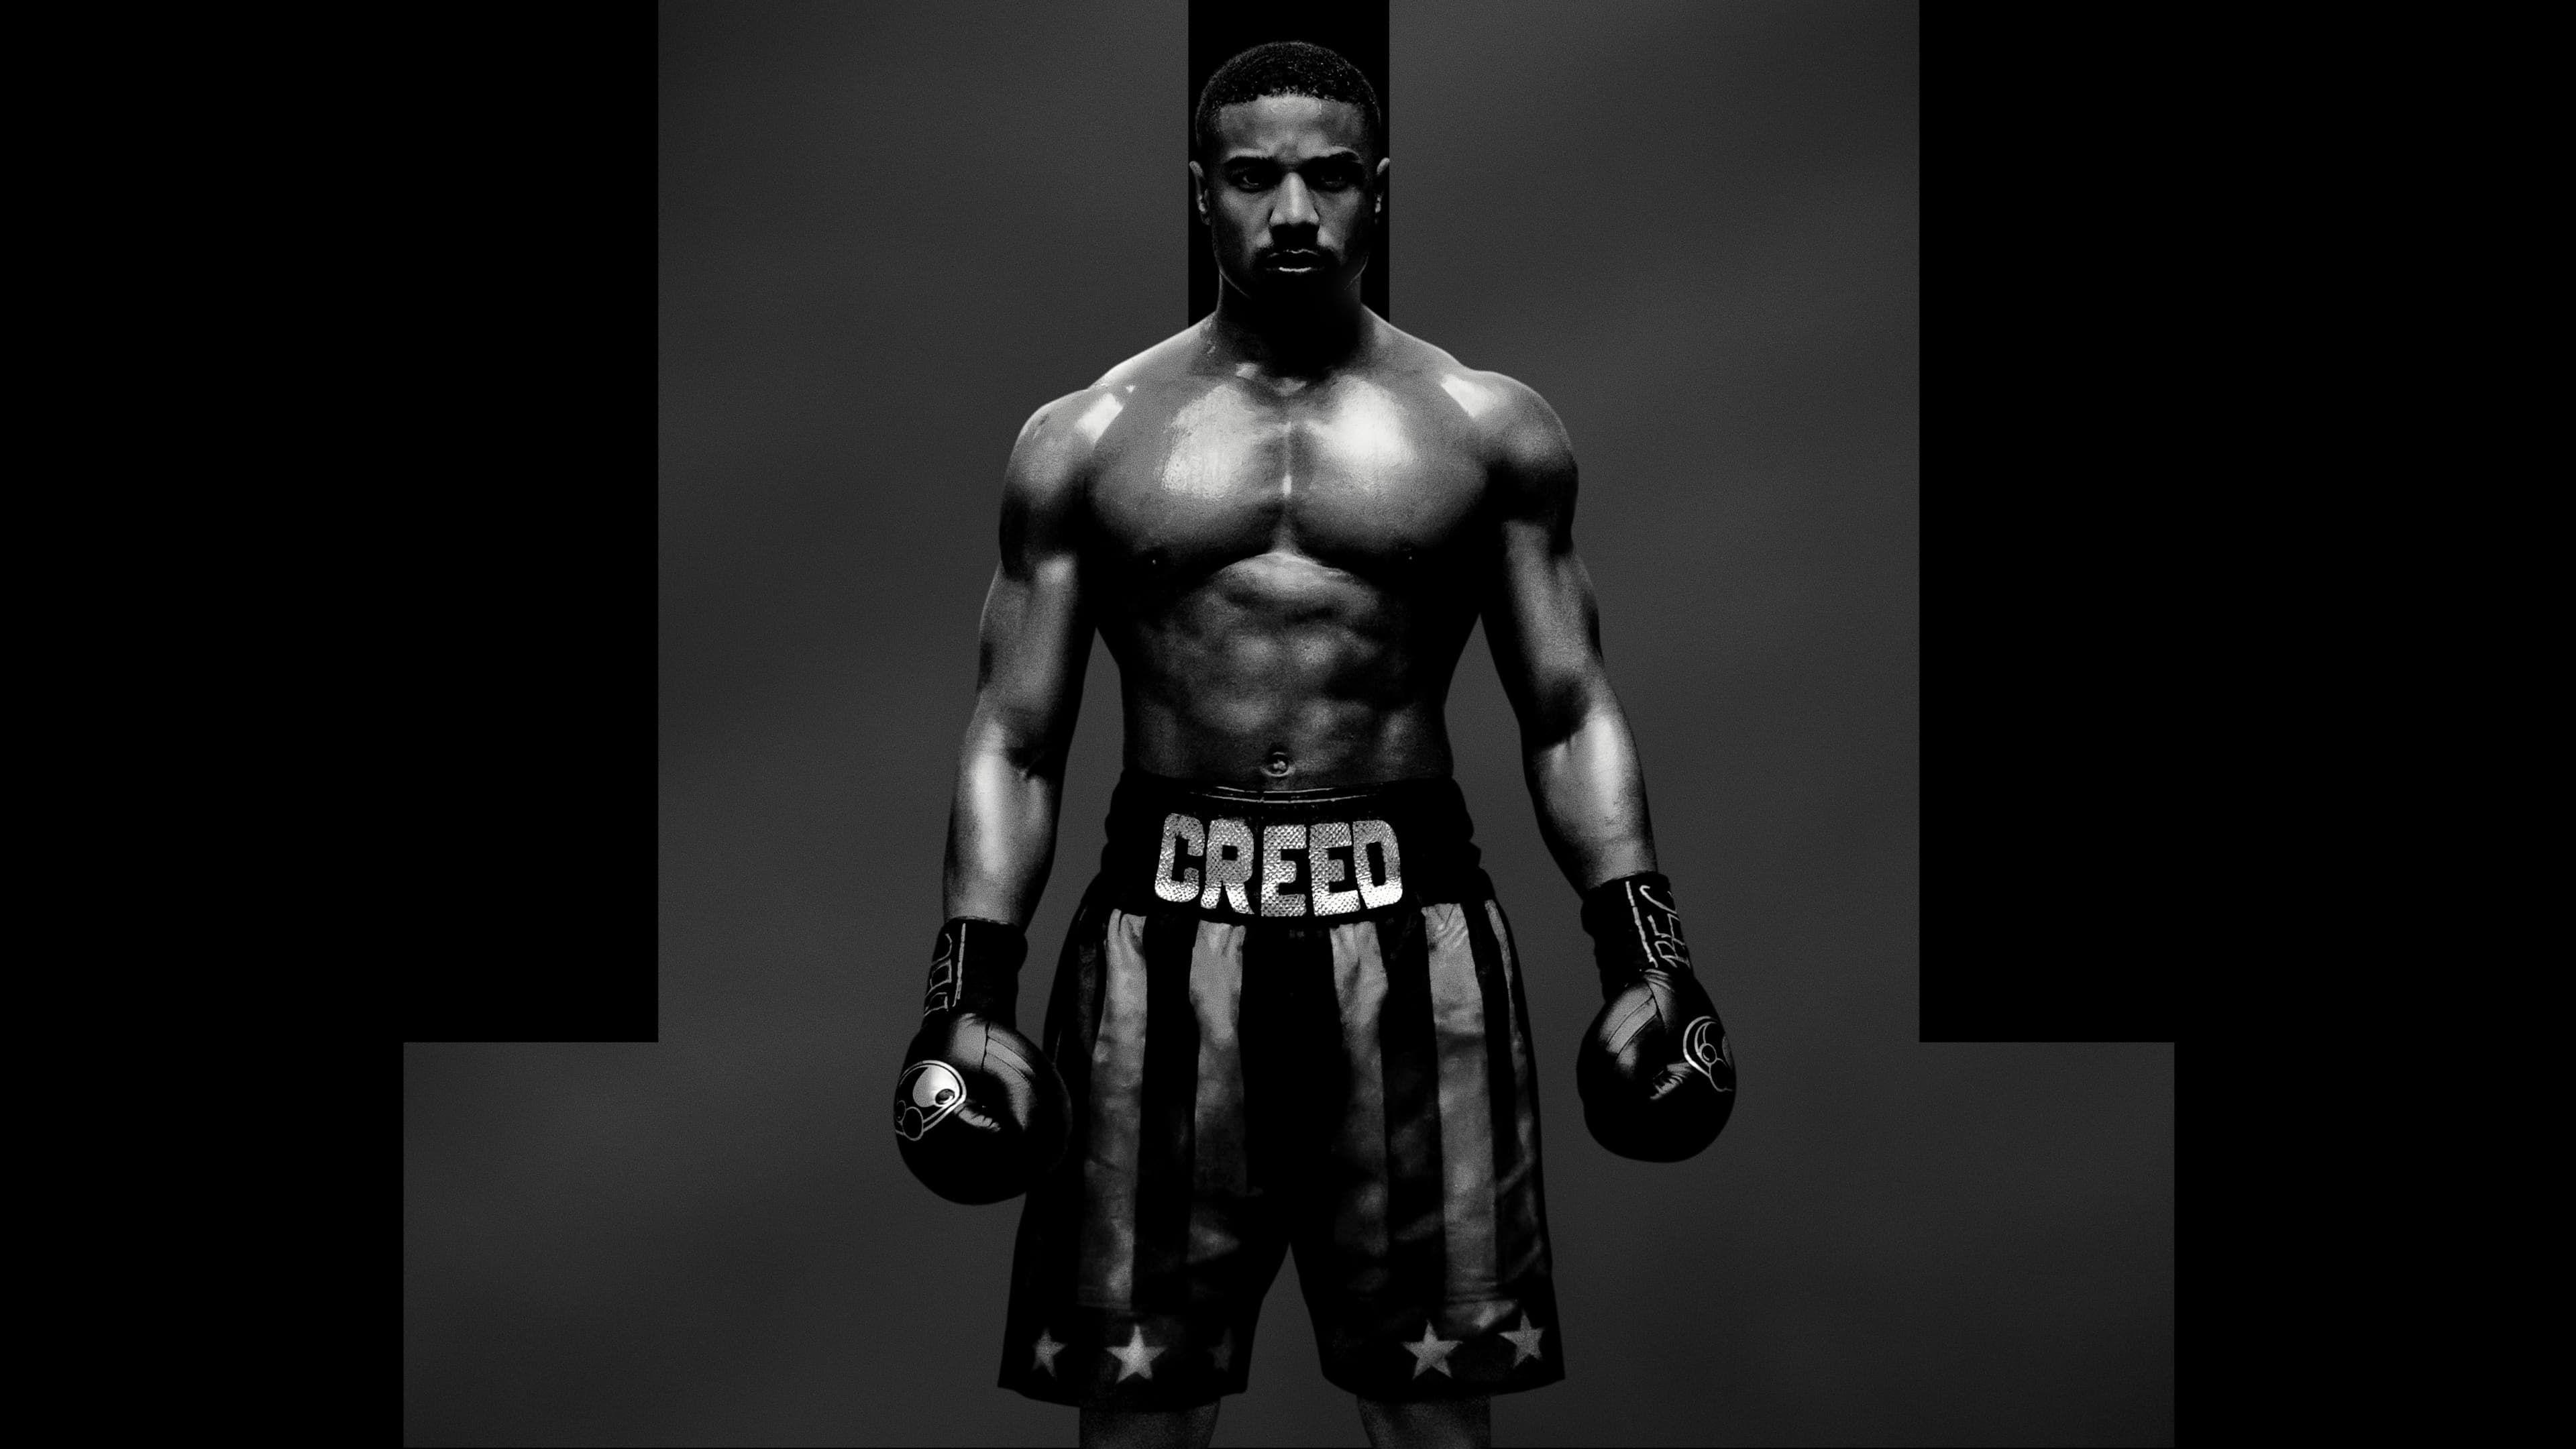 Den Unge Afroamerikanske Bokser Adonis Creed Bliver Stadig Traenet Af Den Aldrende Rocky Balboa Under Forberedelserne Til Creeds Naeste Kamp Gar Det Op For Dem